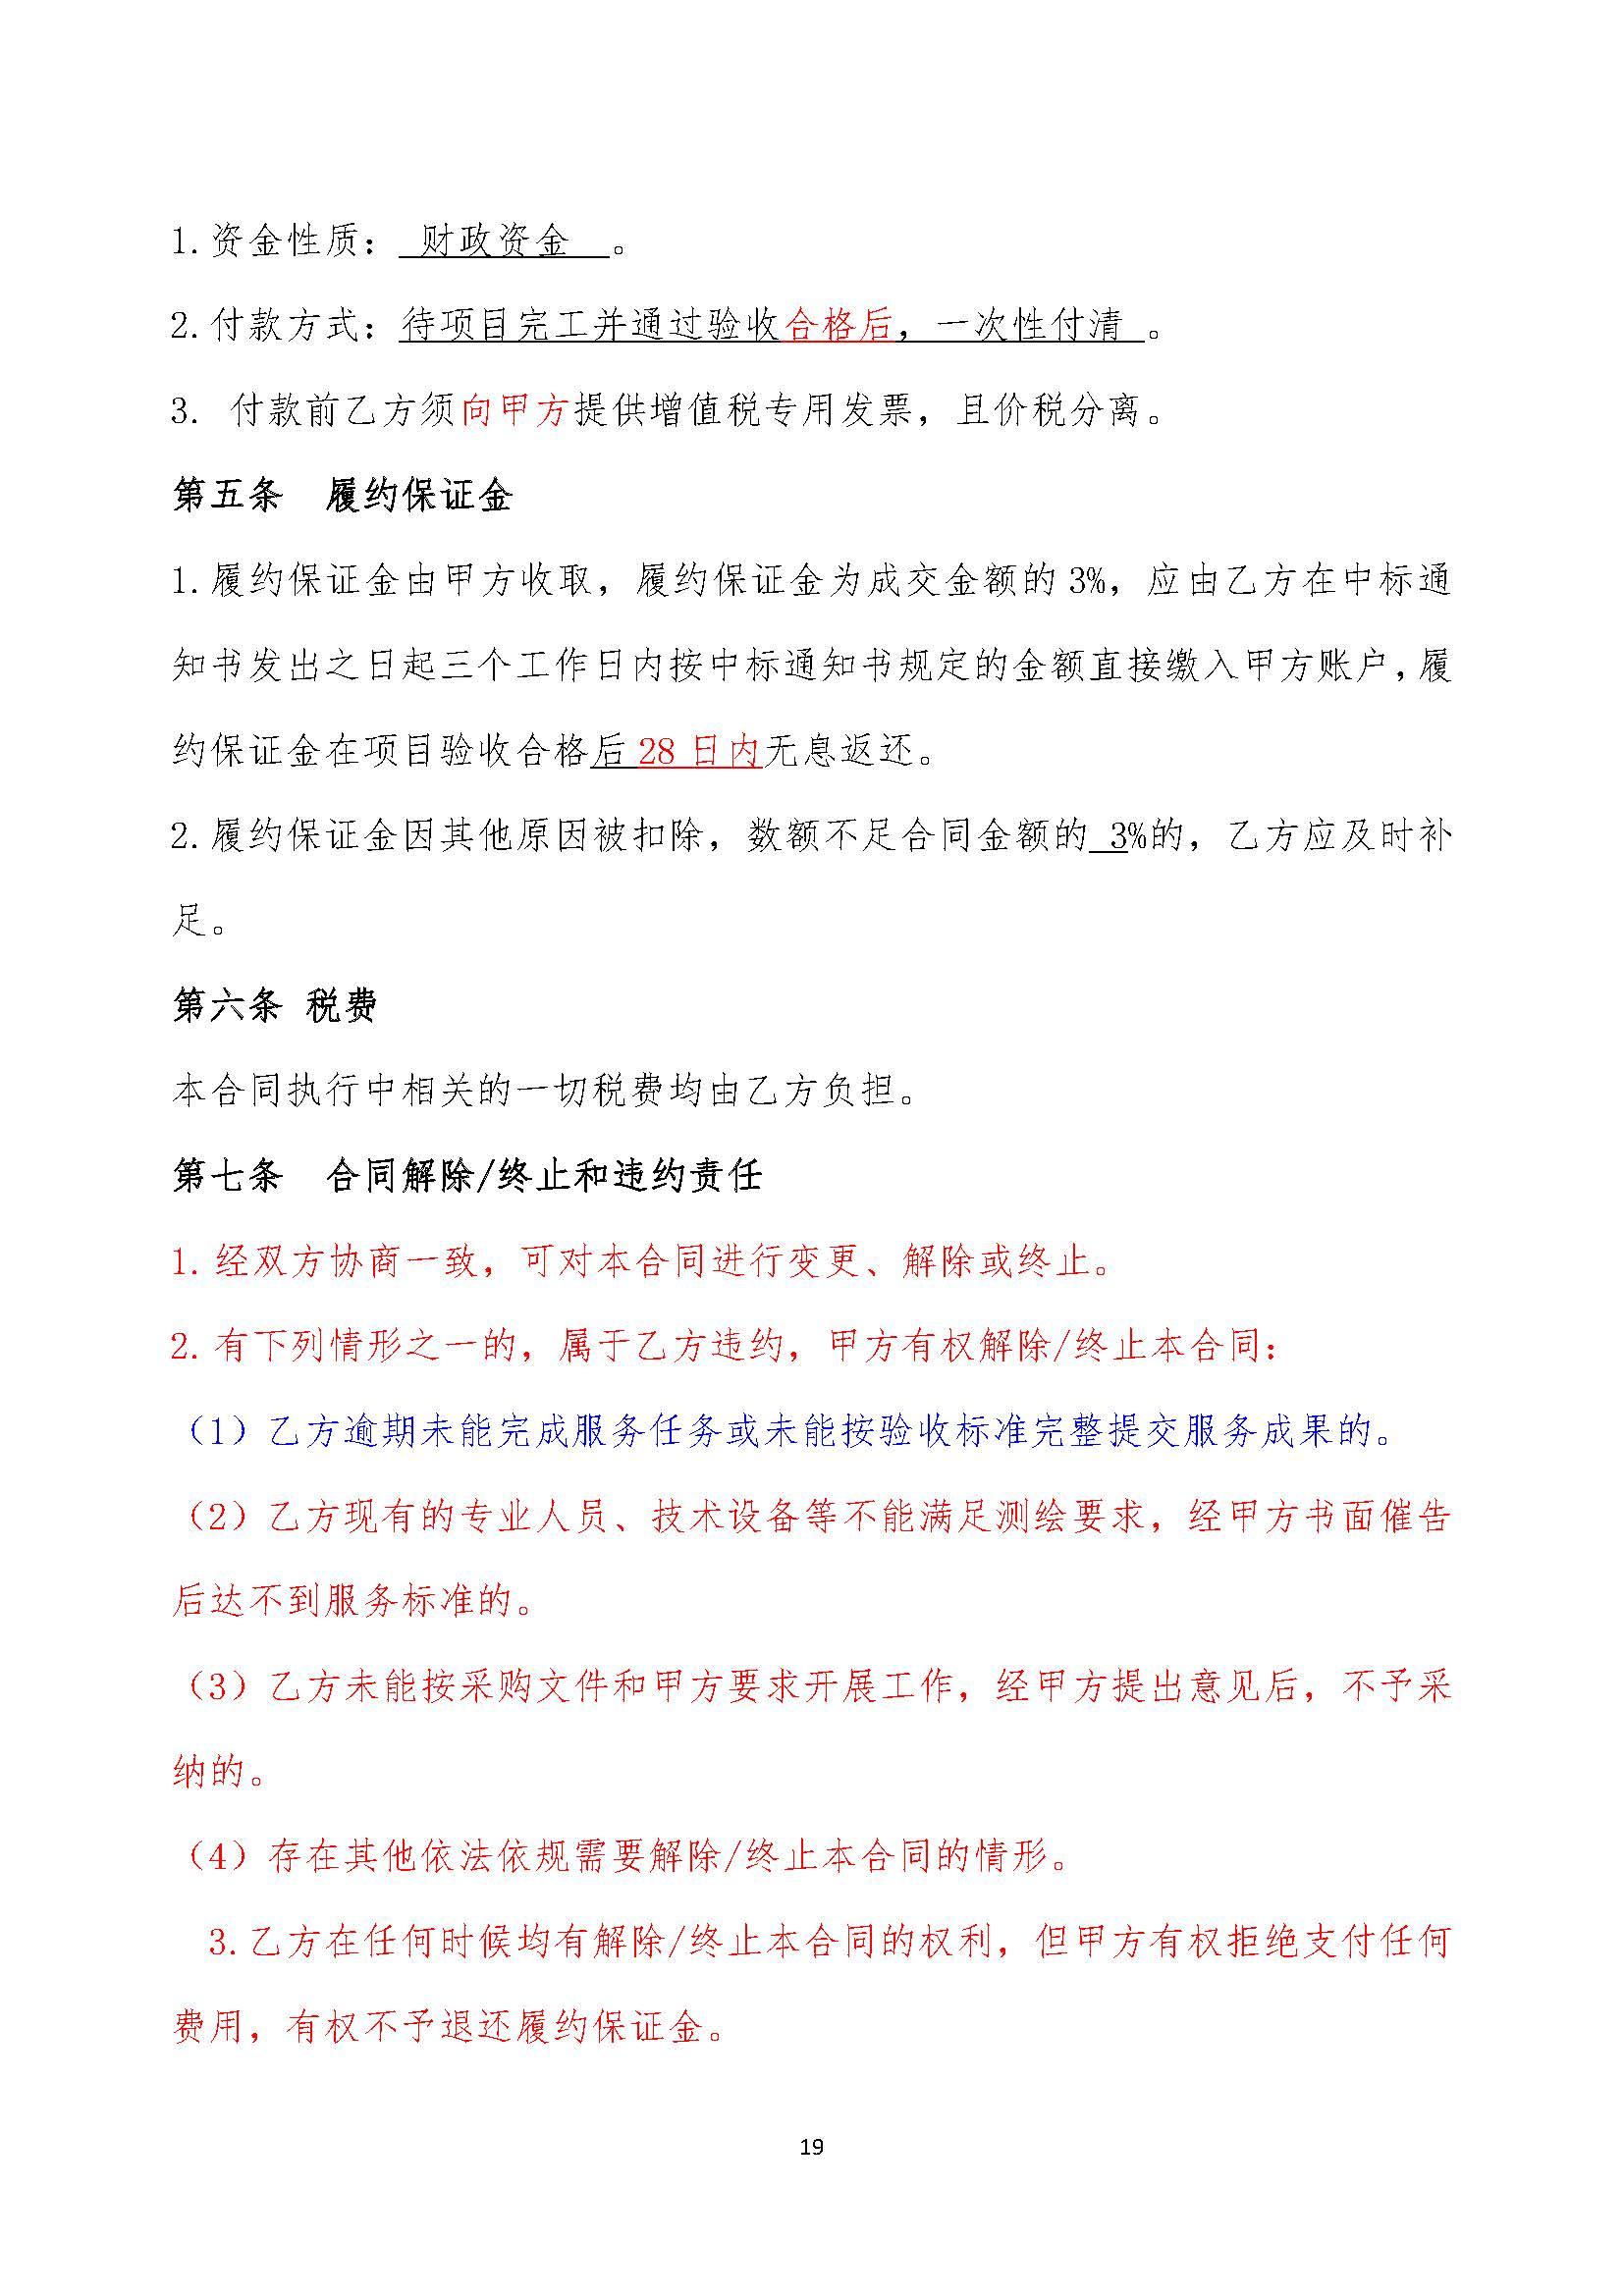 (确定)安徽快三基本走势图市政环卫园林绿化企业一体化面积测绘服务采购 竞争性谈判采购文件20200610(2)_页面_23.jpg